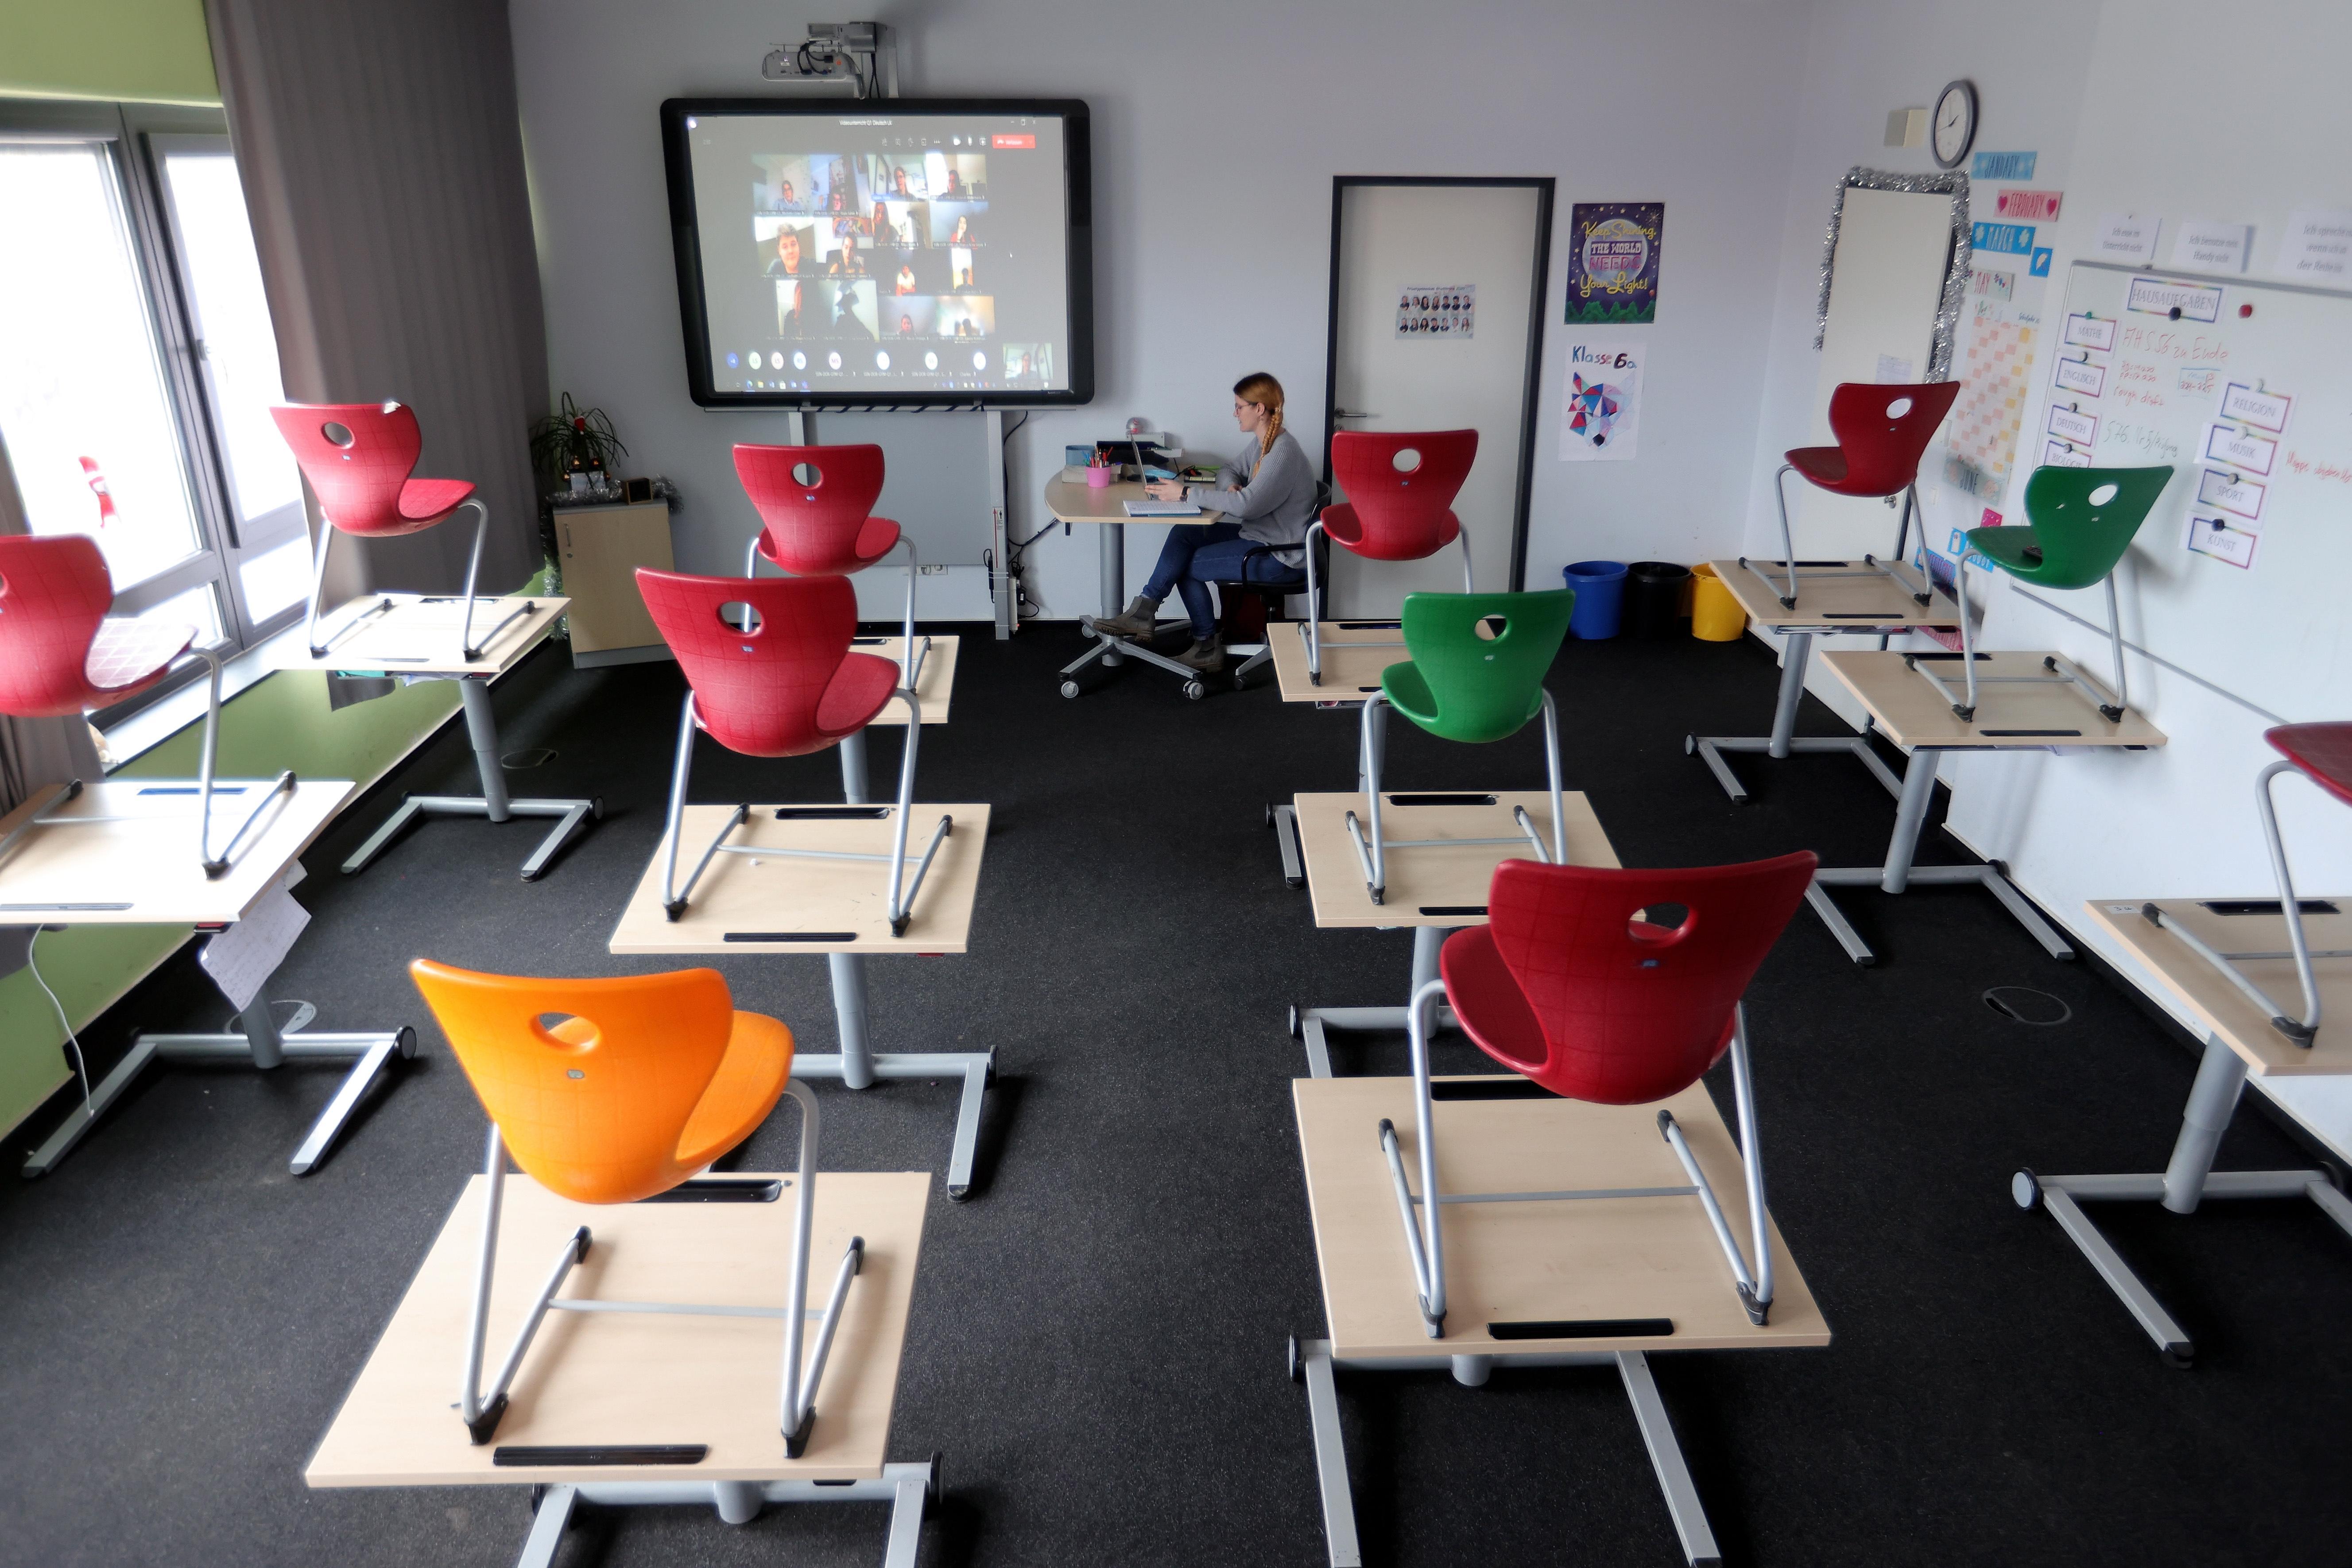 Niemand wil een avondklok, maar zonder dalende cijfers kunnen de scholen niet open | commentaar